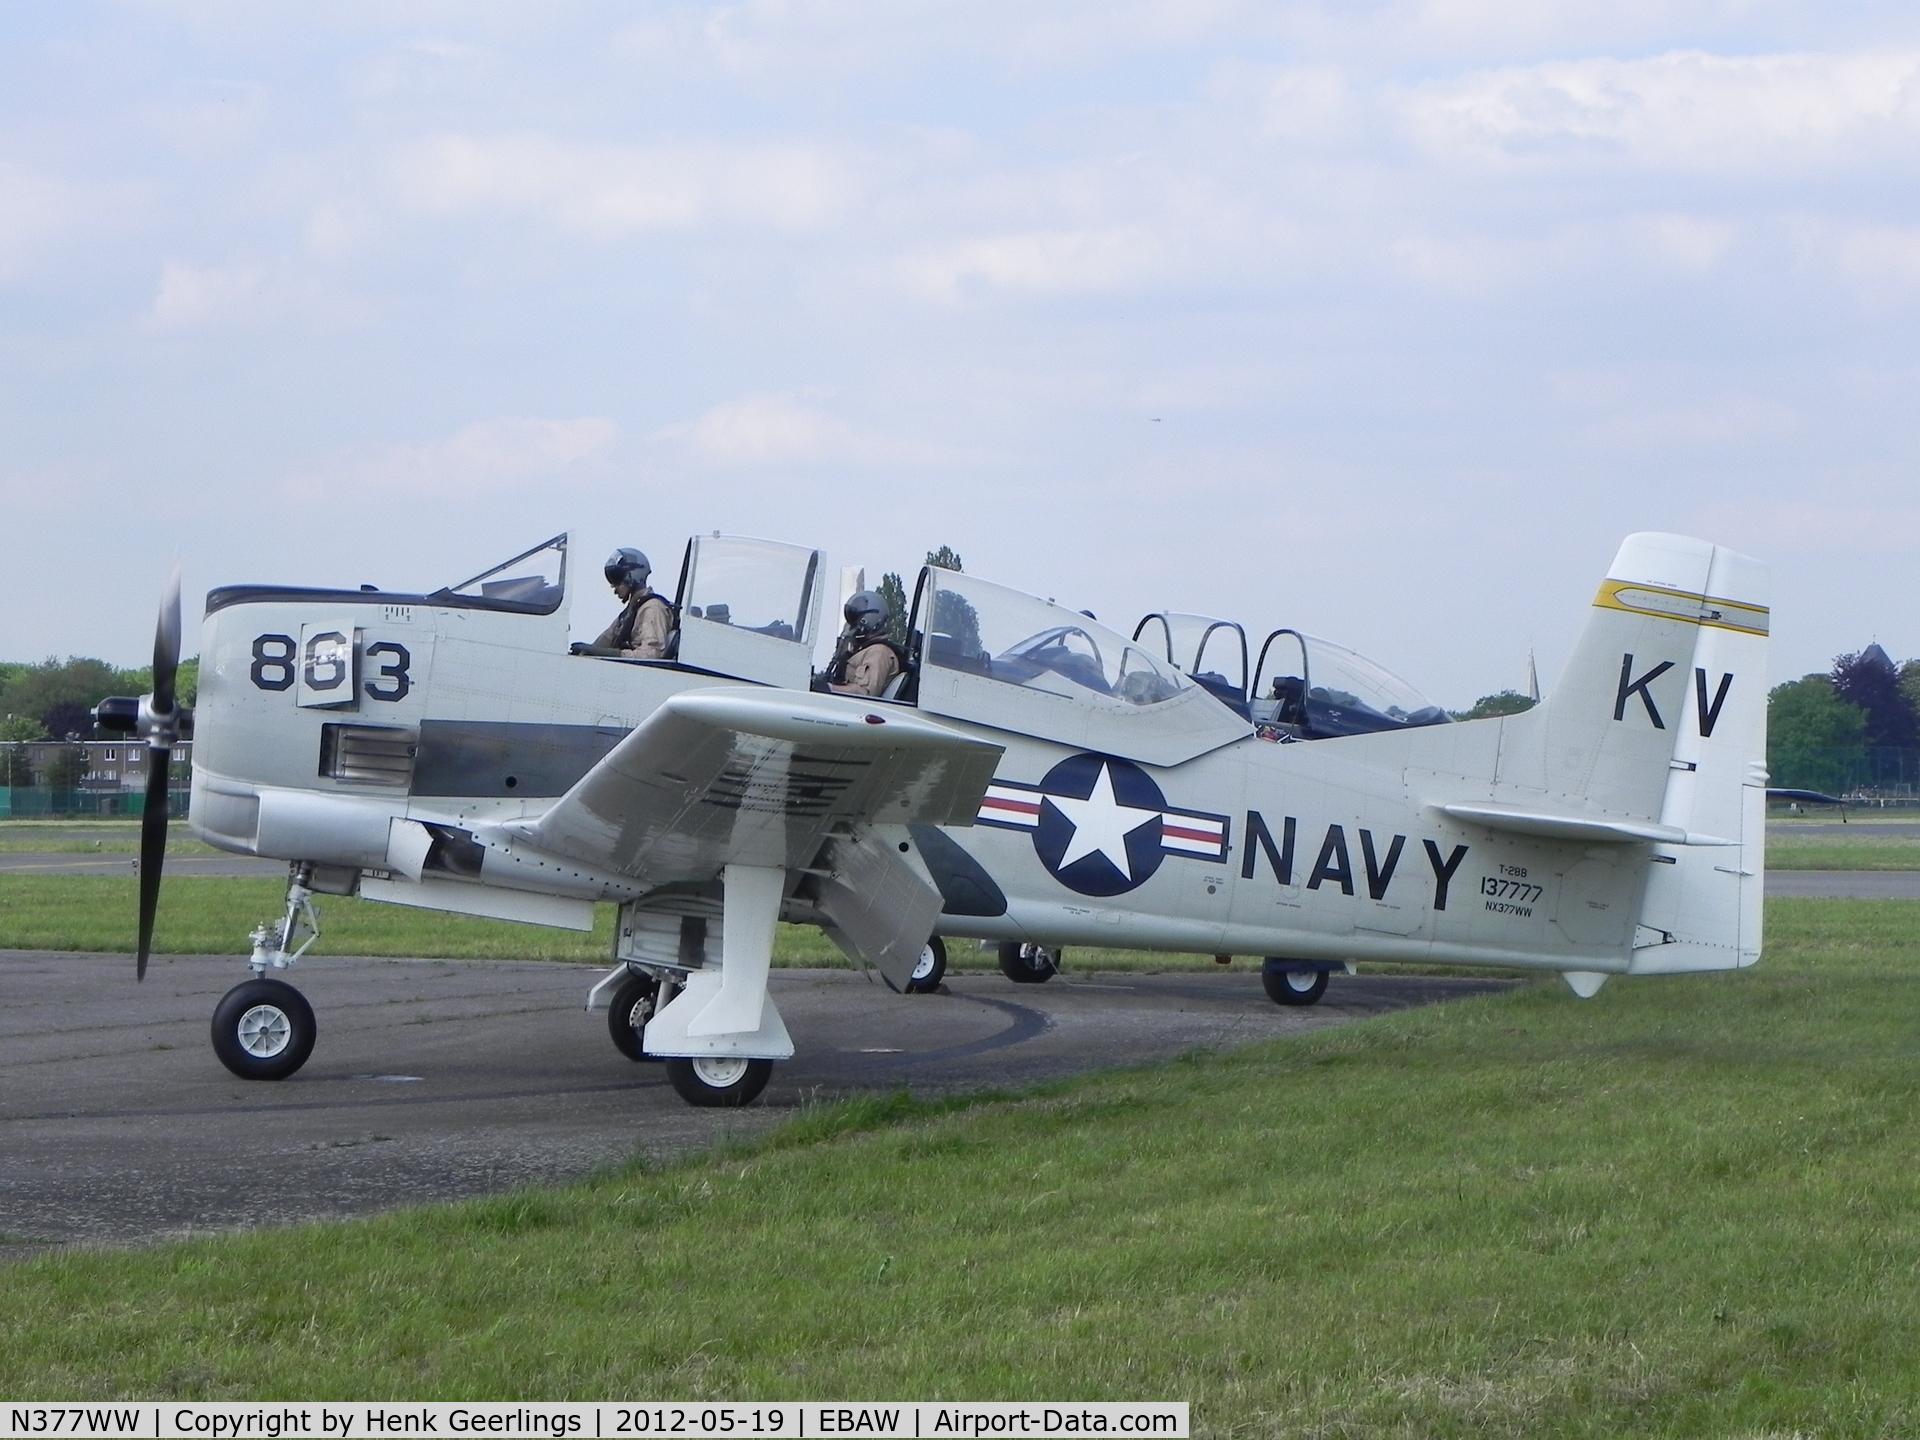 N377WW, 1954 North American T-28B Trojan C/N 200-140, Stampe Fly In 2012 , Deurne Airport